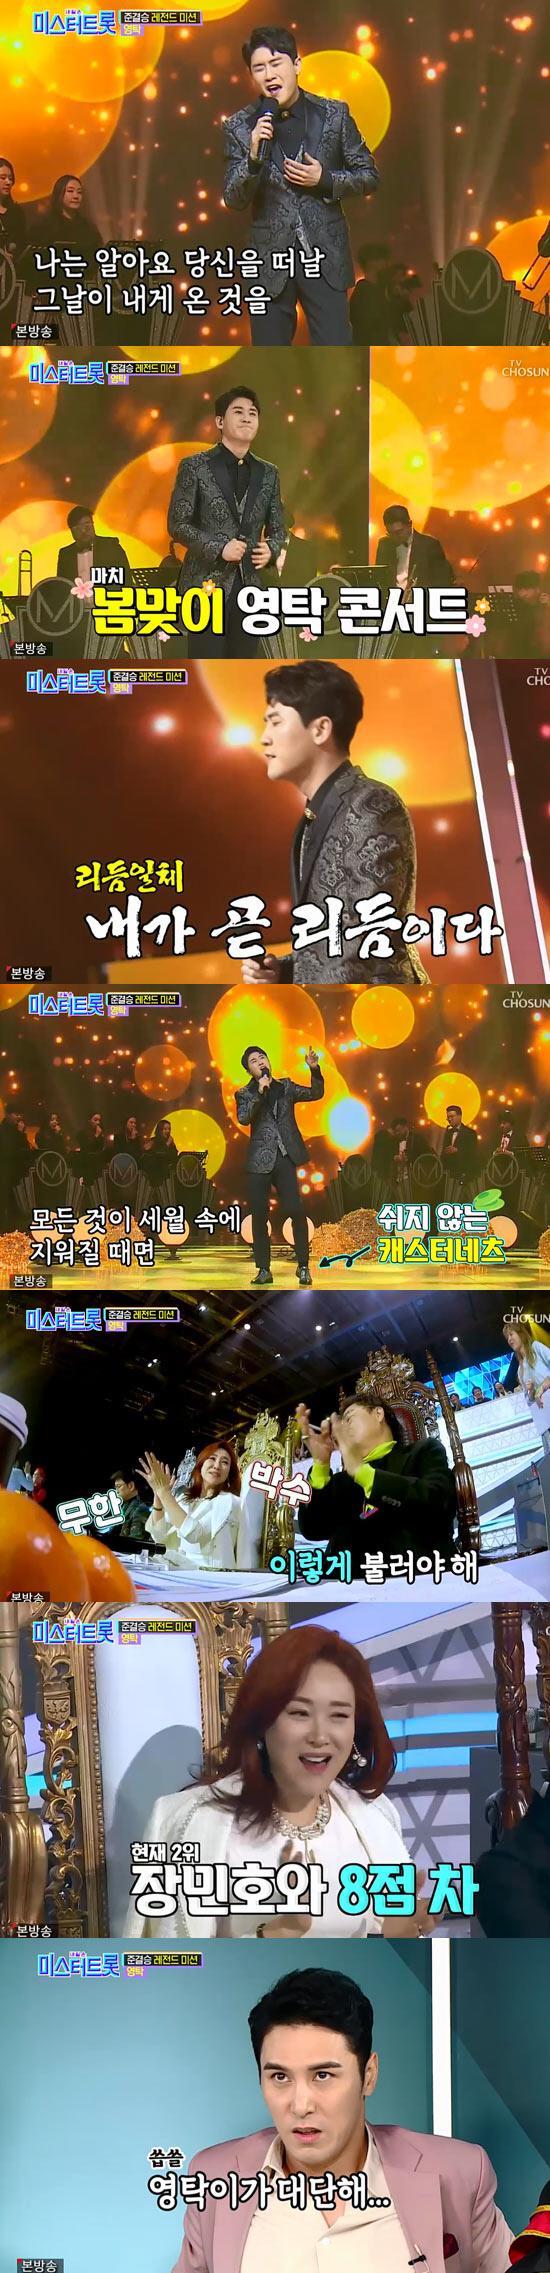 '미스터트롯' 임영웅 준결승 개인전 1위 '962점'..2위 영탁 '10점 차' 압도[종합]